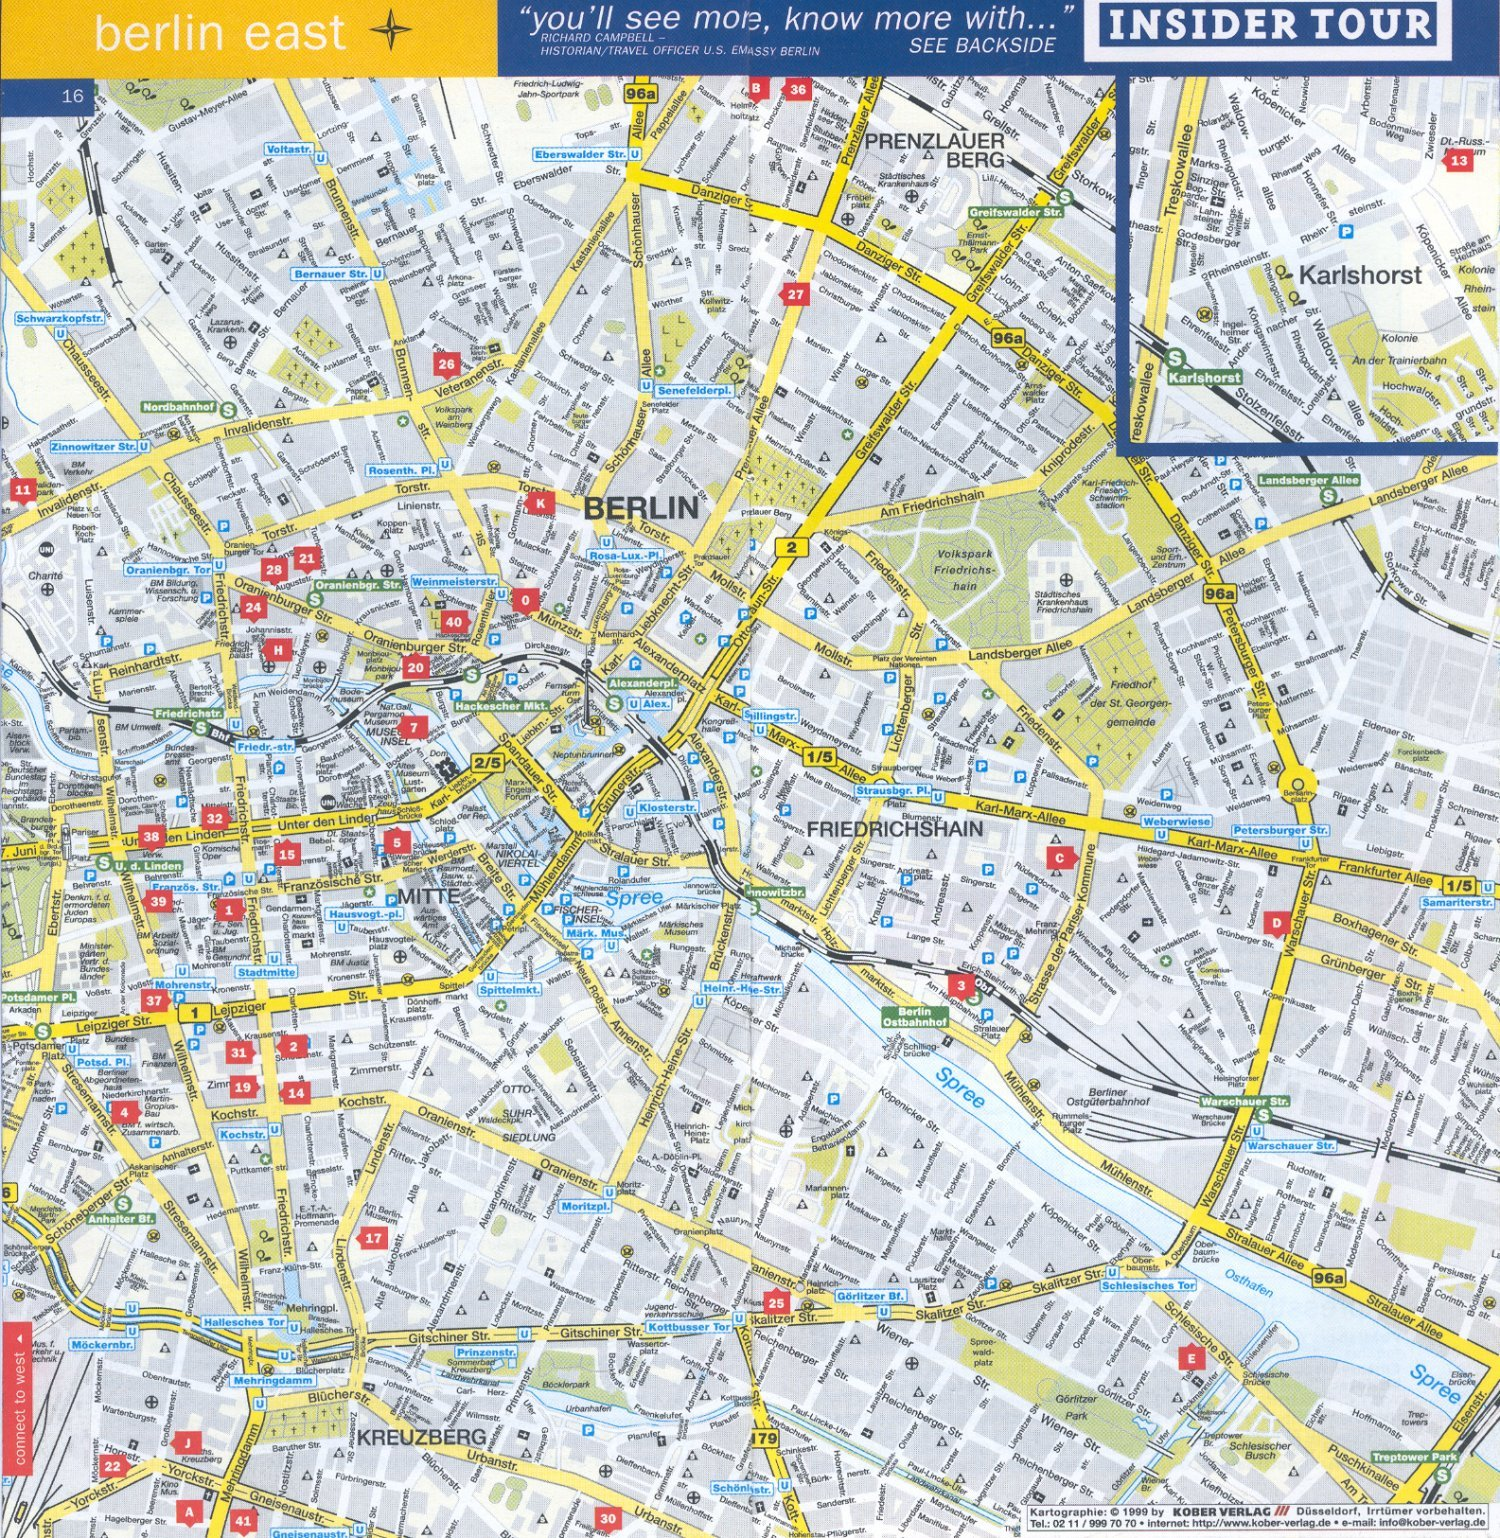 Plano de Berlín Este